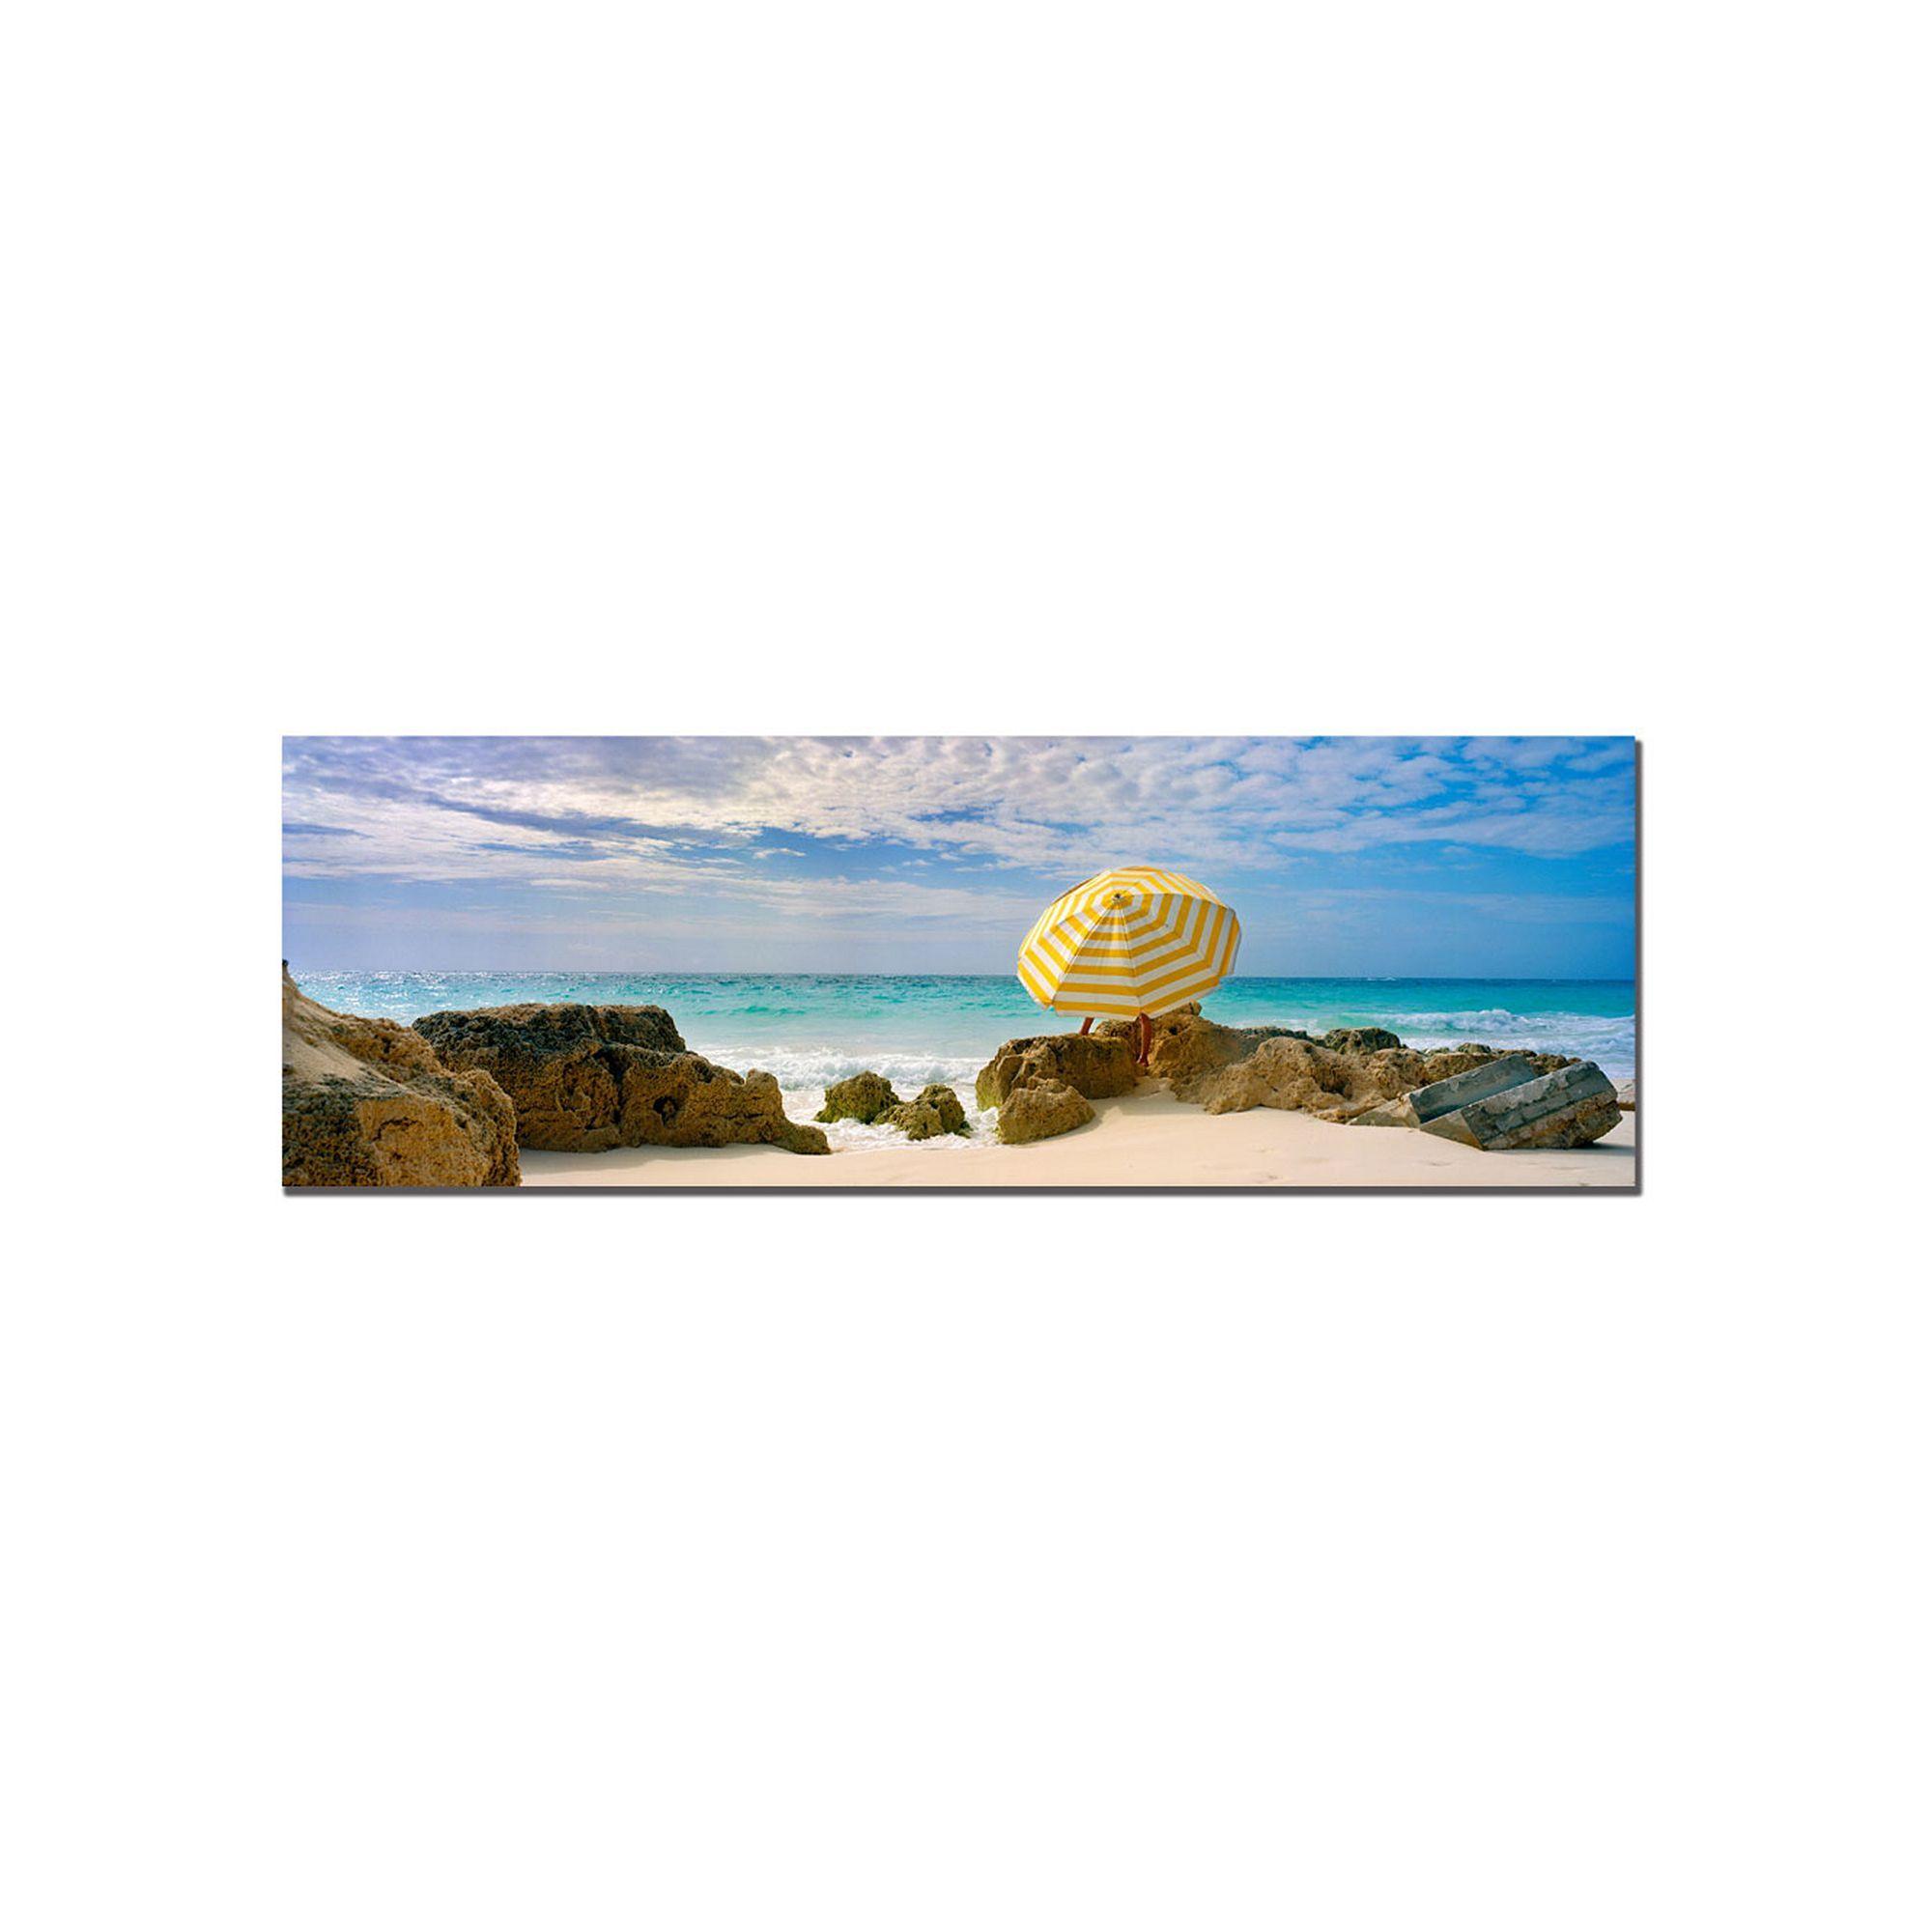 ''Bermuda Umbrella'' Canvas Wall Art, Blue